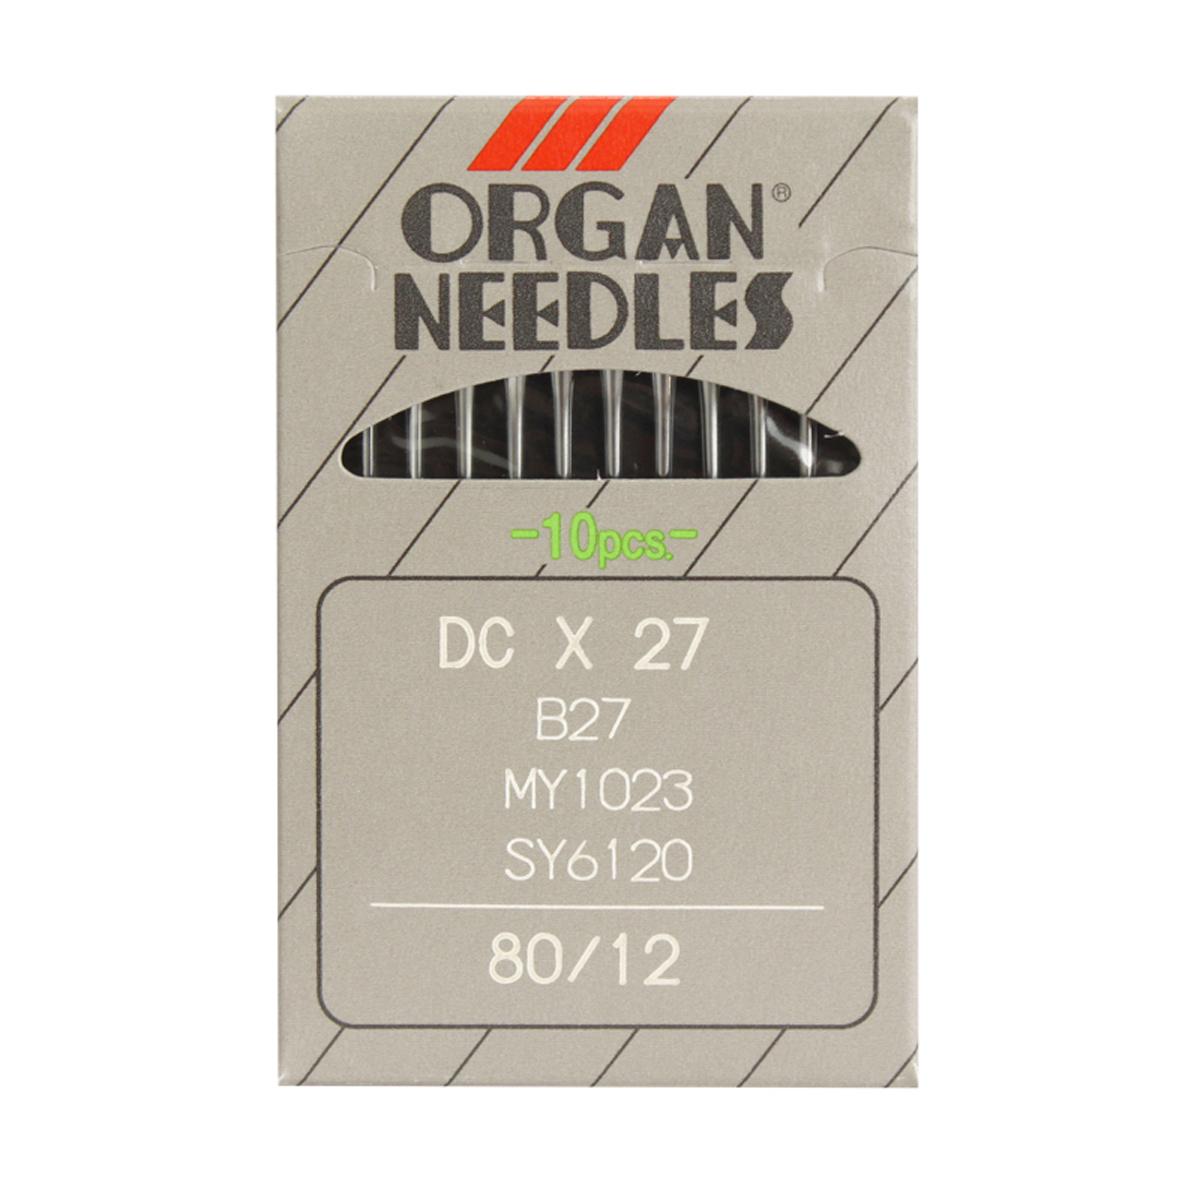 Иглы для промышленных швейных машин Organ, DCx27/80, 10 шт162274Иглы для промышленных швейных машин Organ с маркировкой DCx27 предназначены для оверлочных швейных машин. Иглы используются для пошива всех видов тканей. Острие игл тонкое, стандартное.Предназначены для оверлоков 51, 208 класса, их модификаций и импортных аналогов. В промышленных машинах используются иглы с круглыми колбами, в отличие от игл бытовых машин, у которых колбы плоские. Круглая колба позволяет при наладке машины и установке иглы поворачивать (вращать) иглу, закрепляя ее в нужном положении. Диаметр колбы: 2,02 мм. Длина иглы: 28,6 мм. Номер игл: 80.